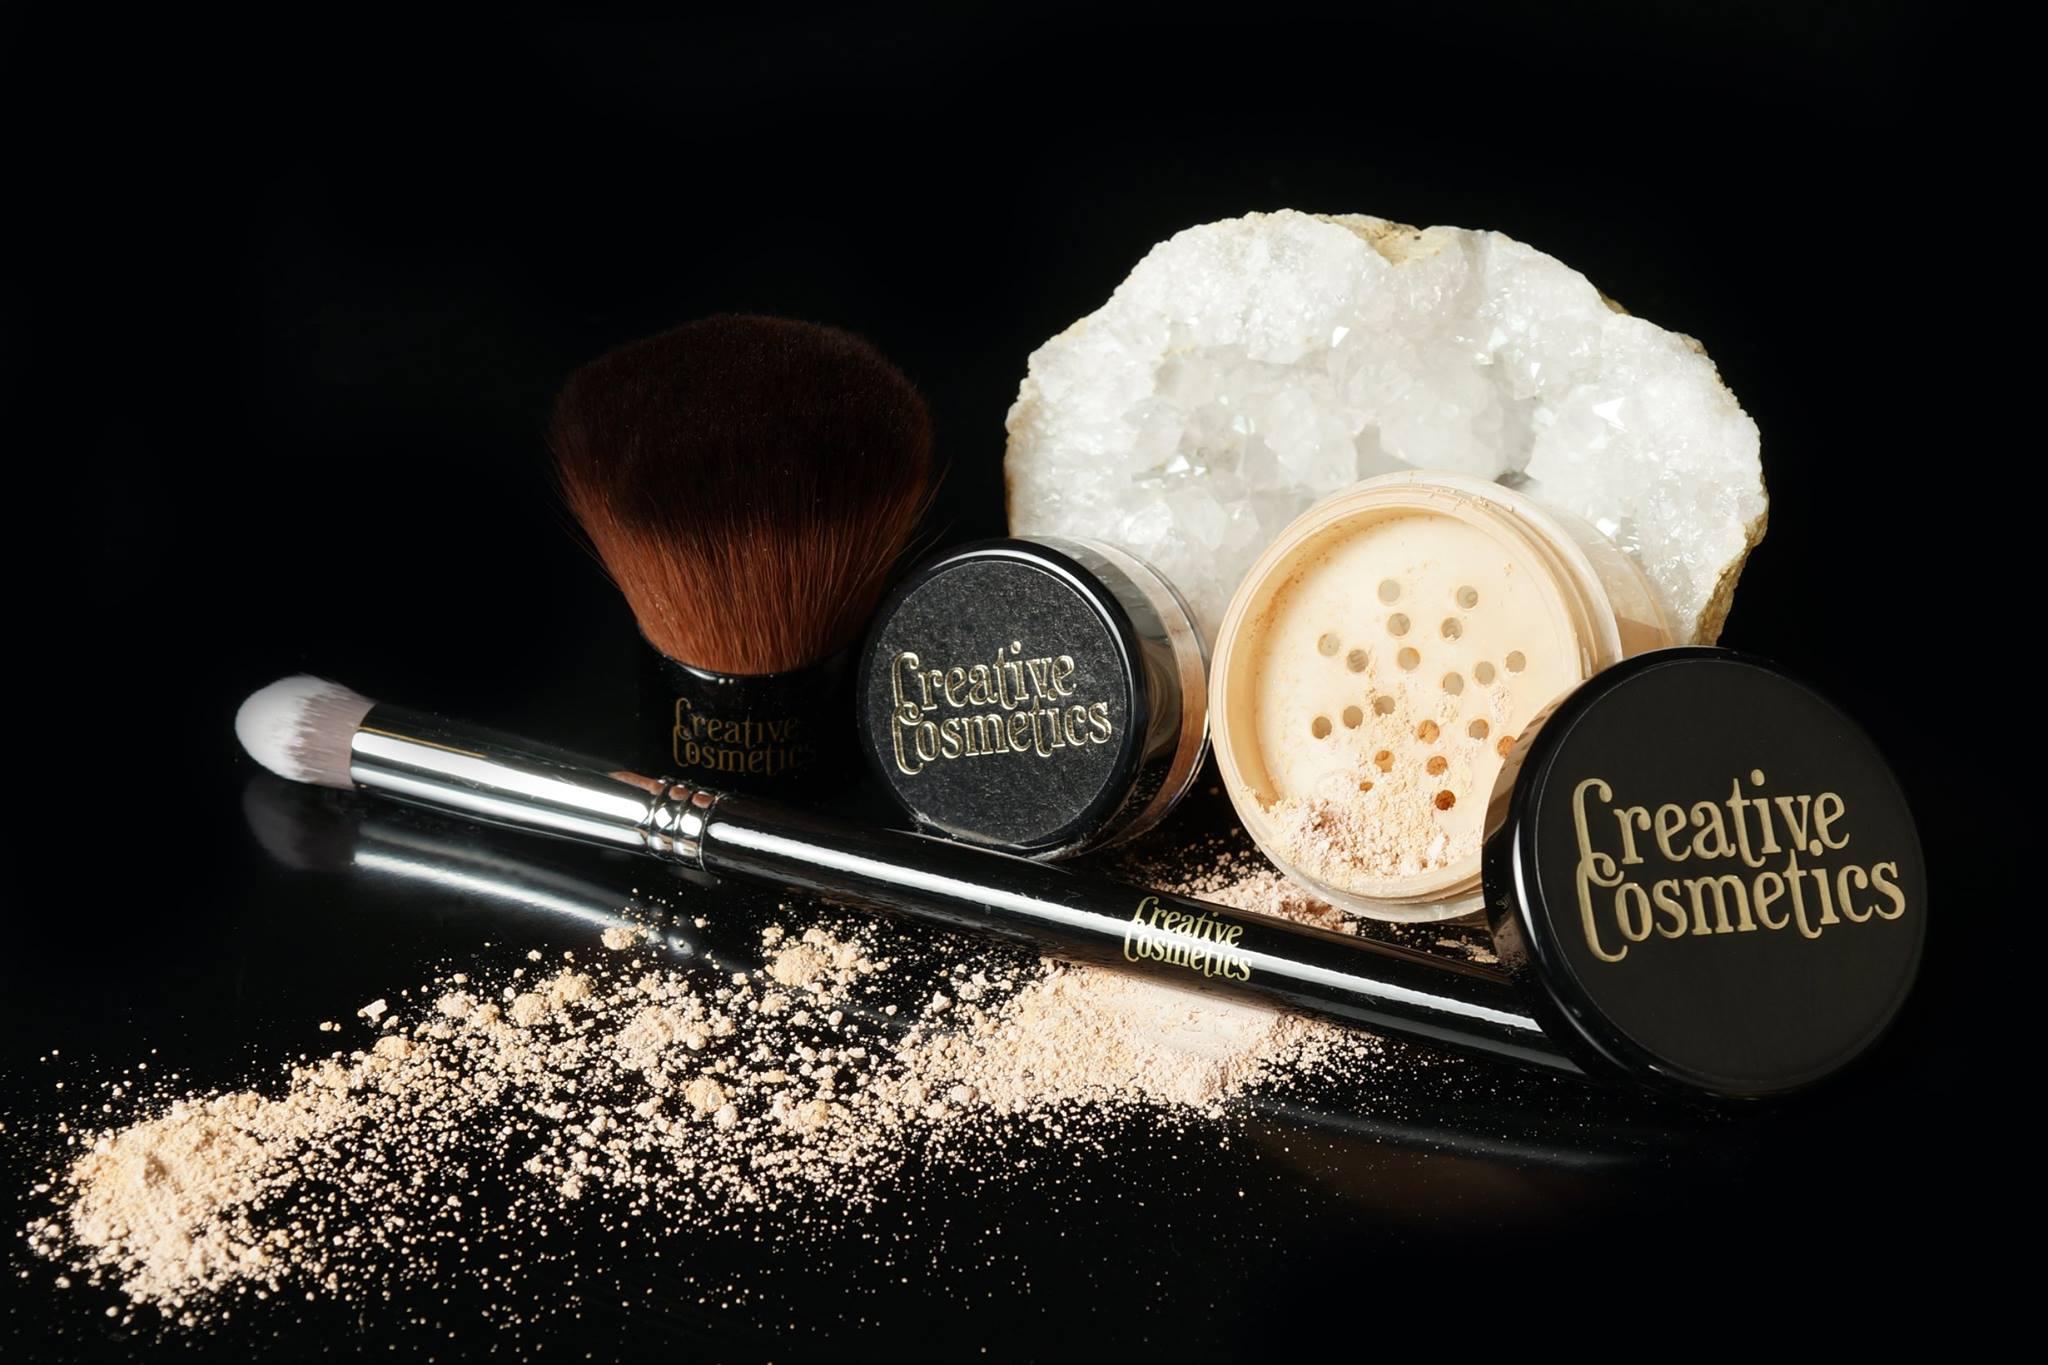 Creative cosmetics